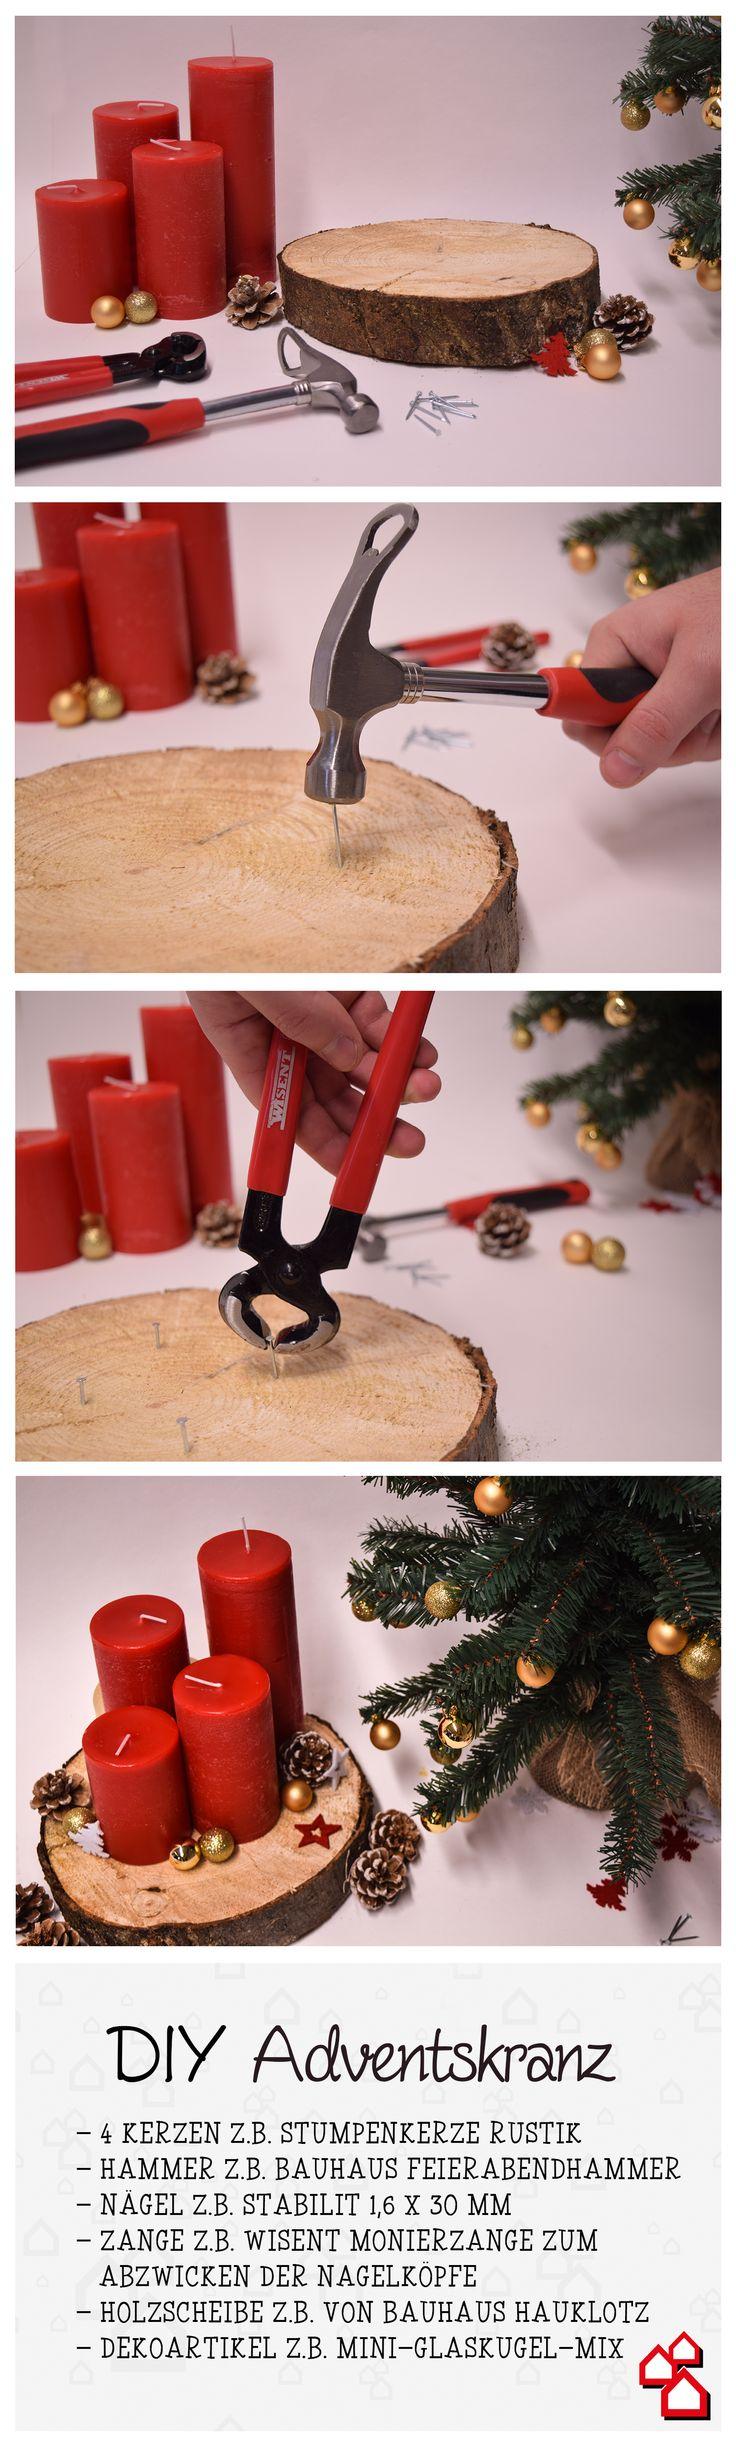 die besten 25 diy weihnachtsdekoration ideen auf pinterest diy weihnachtsbaselarbeiten. Black Bedroom Furniture Sets. Home Design Ideas